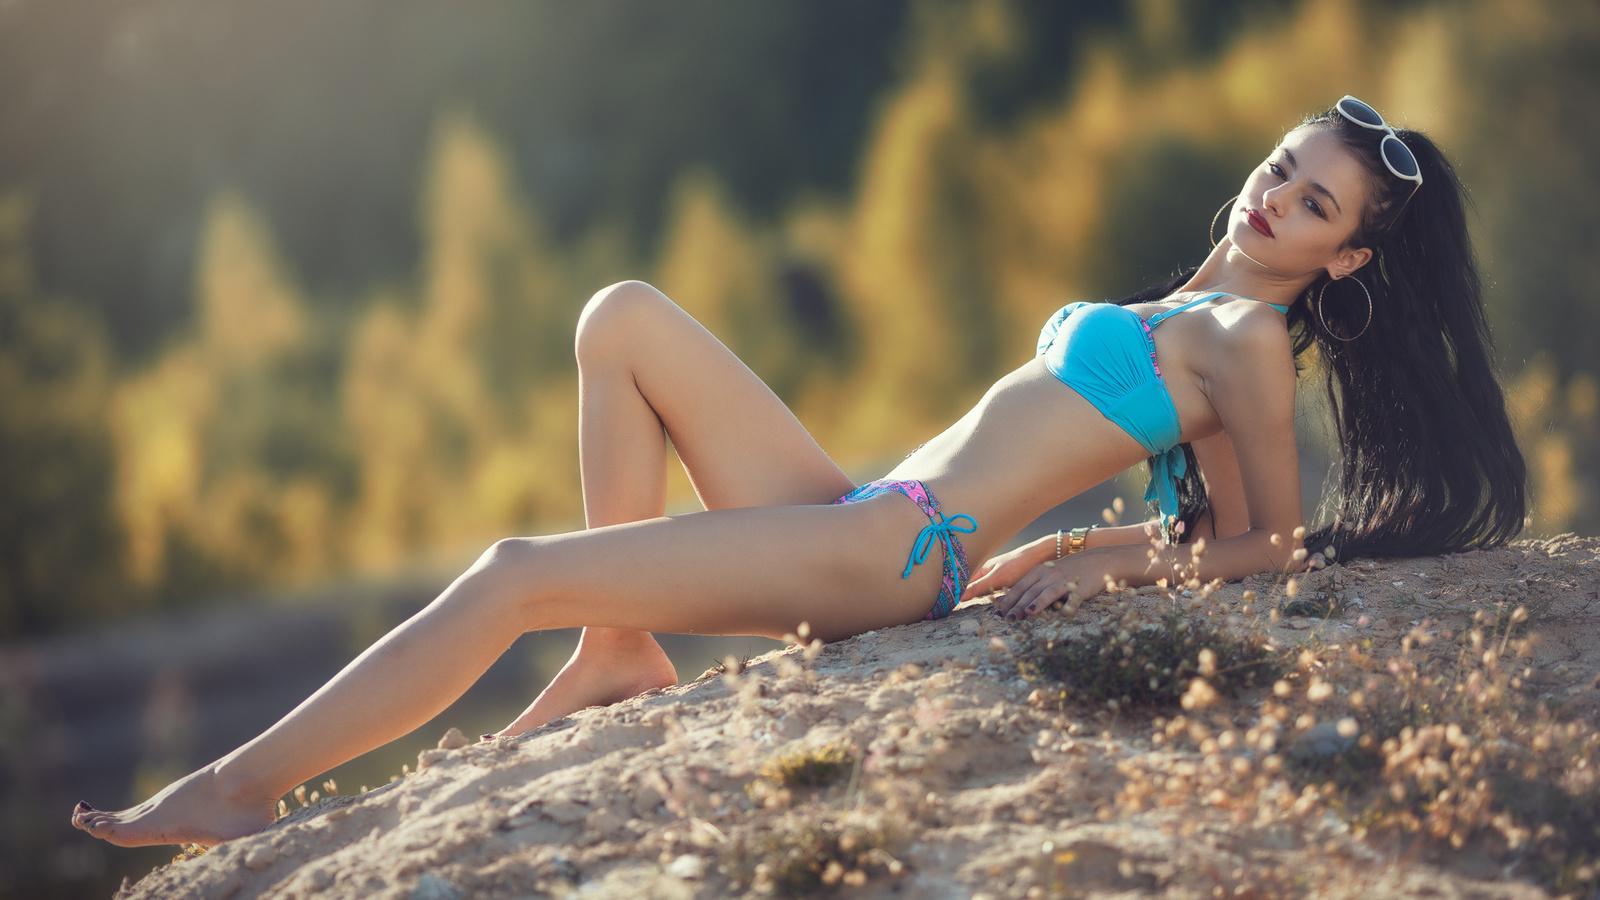 счастью, фото красивых девушек брюнеток шатенок в купальниках если